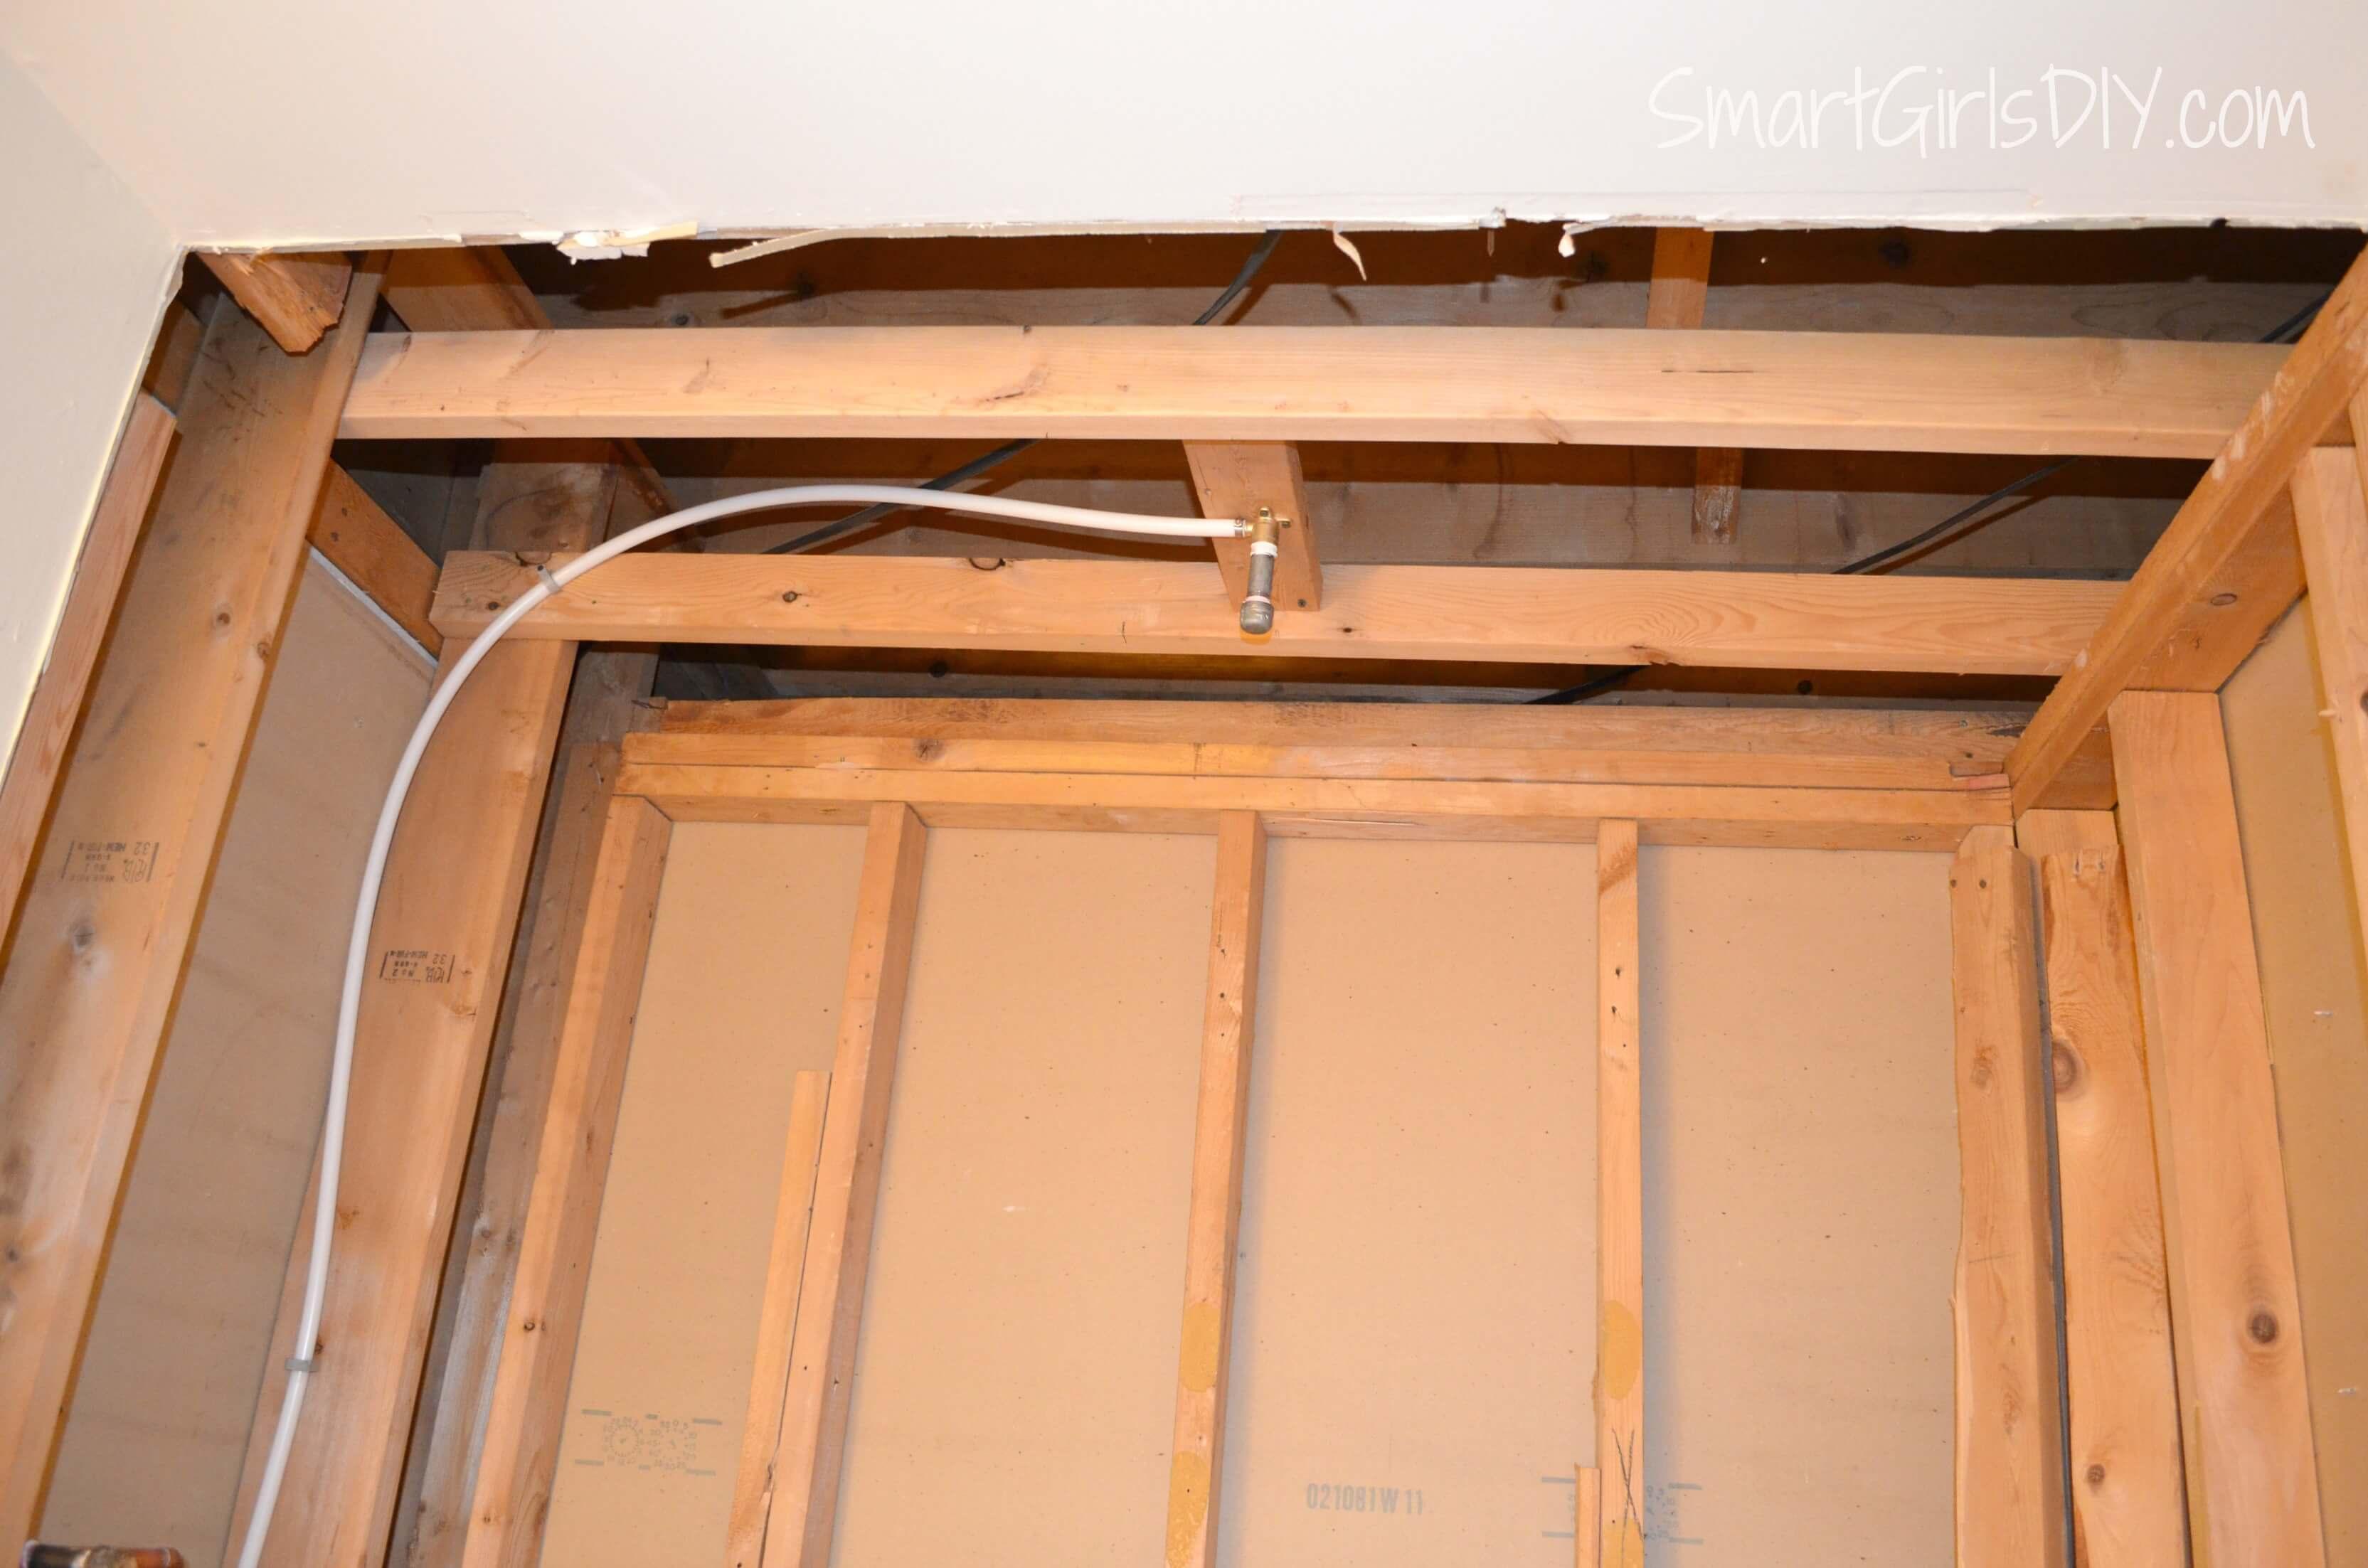 Guest Bathroom 4: Plumbing and Shower Fixtures